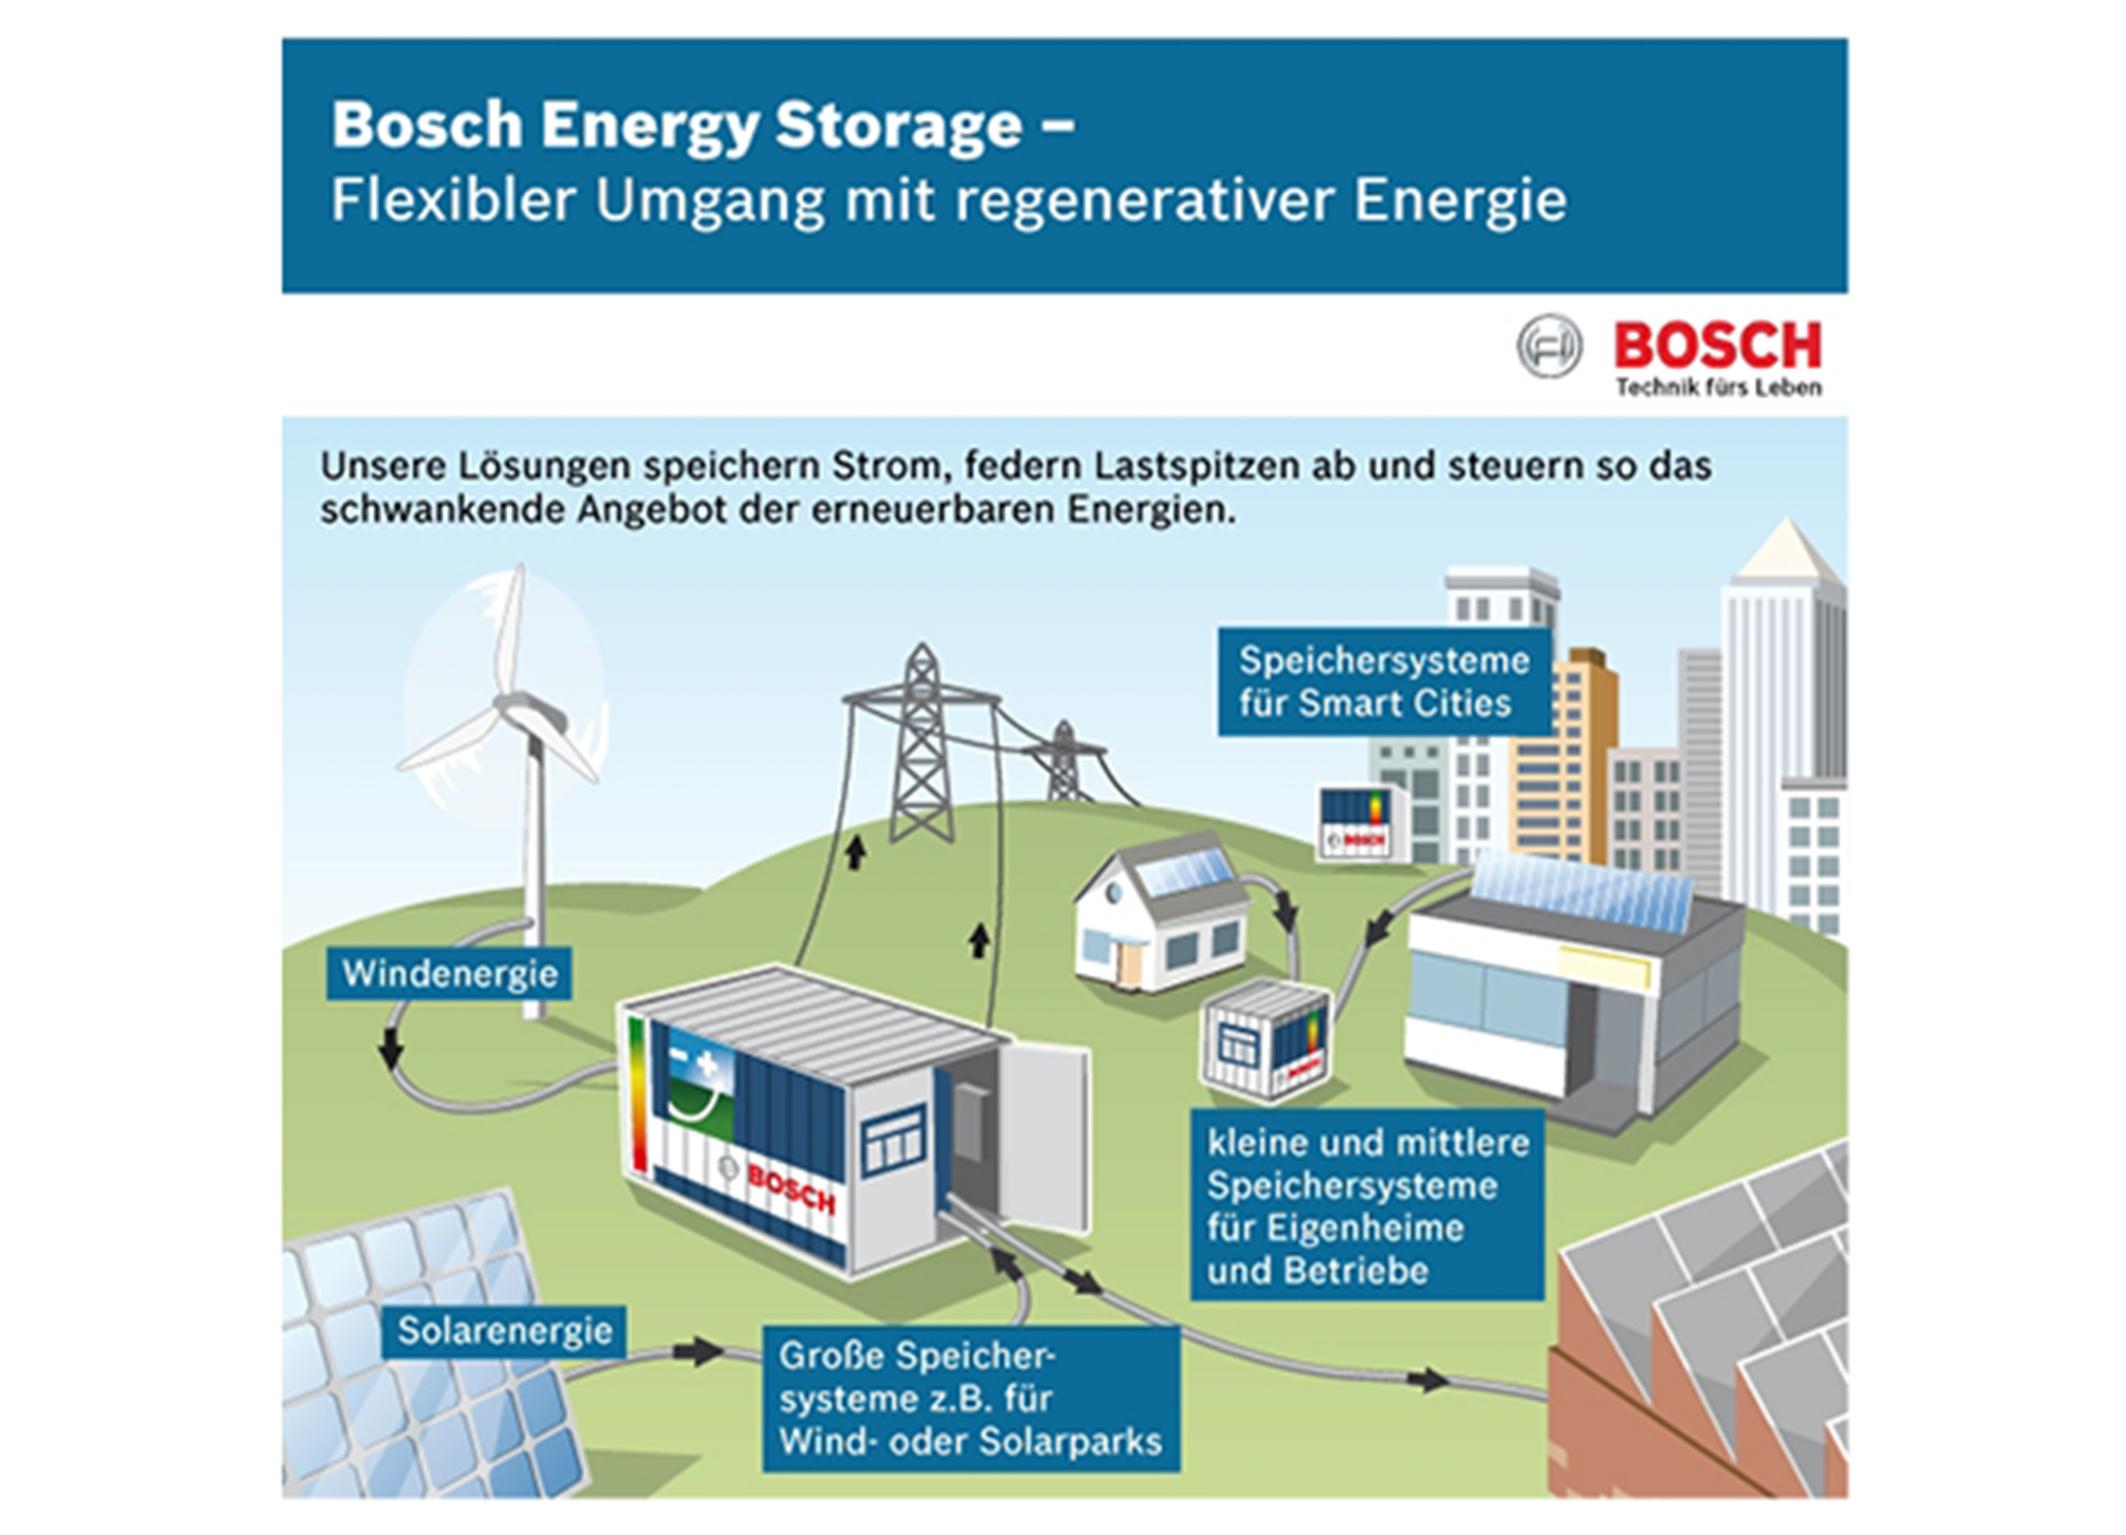 Dezentrale Energiespeicher von Bosch vereinfachen die Eingliederung der erneuerbaren Energien in das bestehende Stromnetz. Grafik: Robert Bosch GmbH